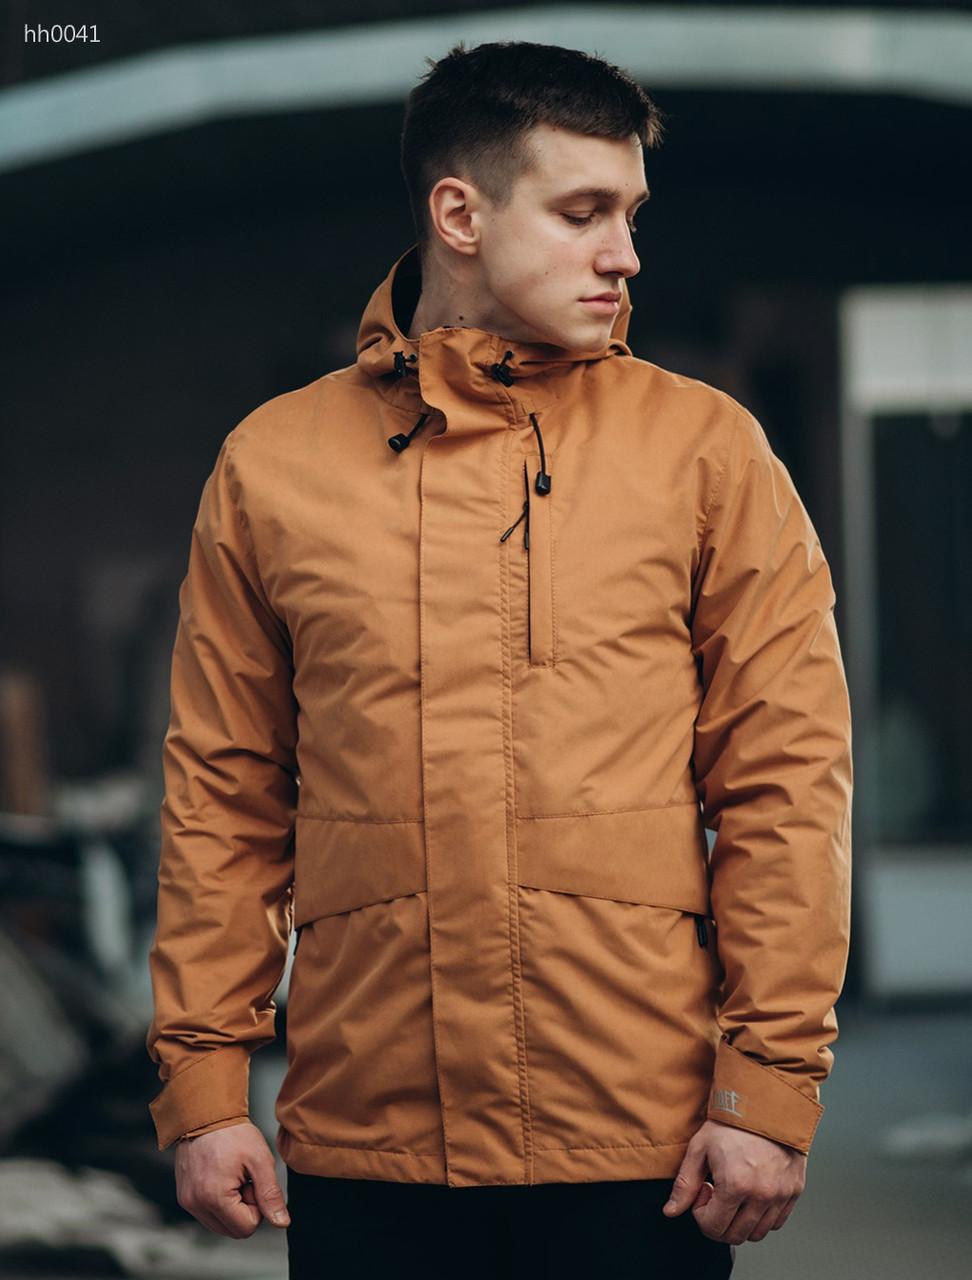 Весенне-осенняя куртка Staff - Blown beige Art. hh0041  заказ eb96a41468119